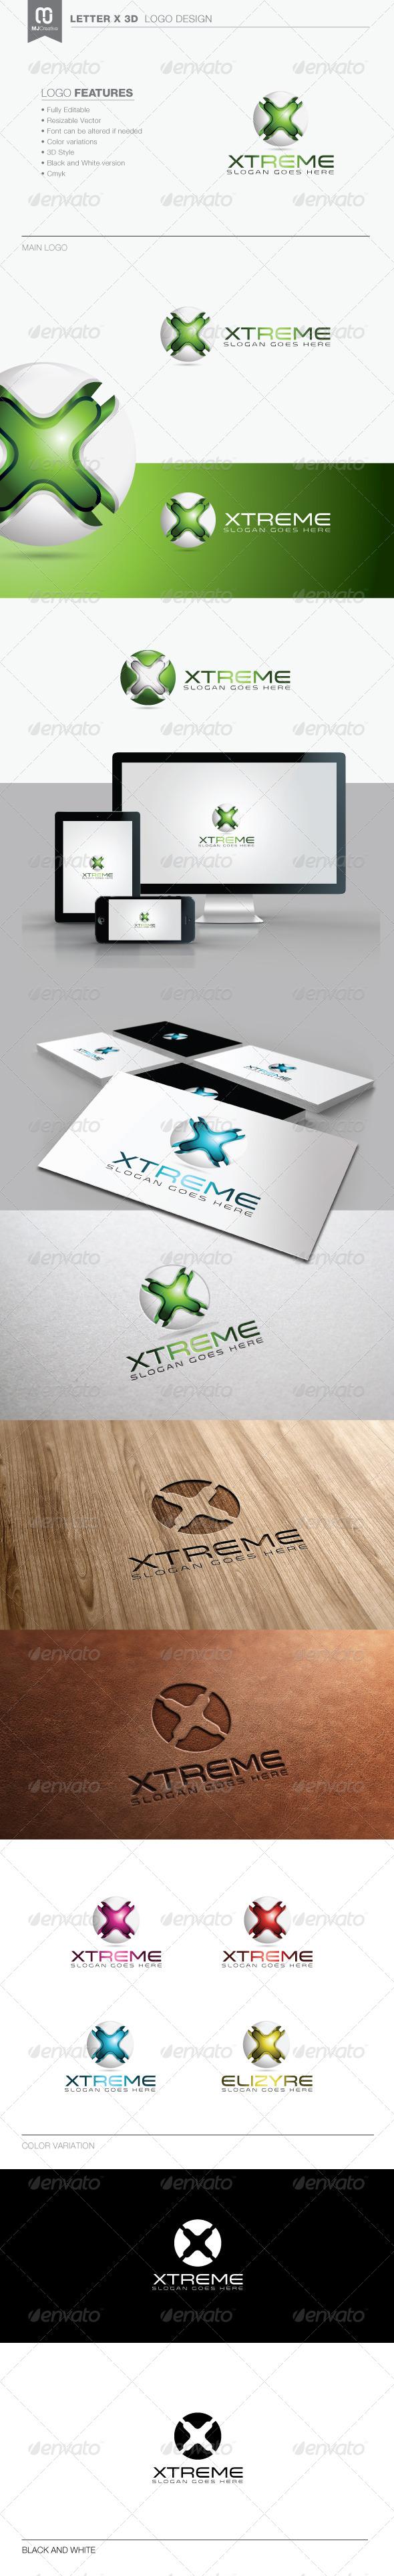 Letter X 3D Tech Logo - 3d Abstract